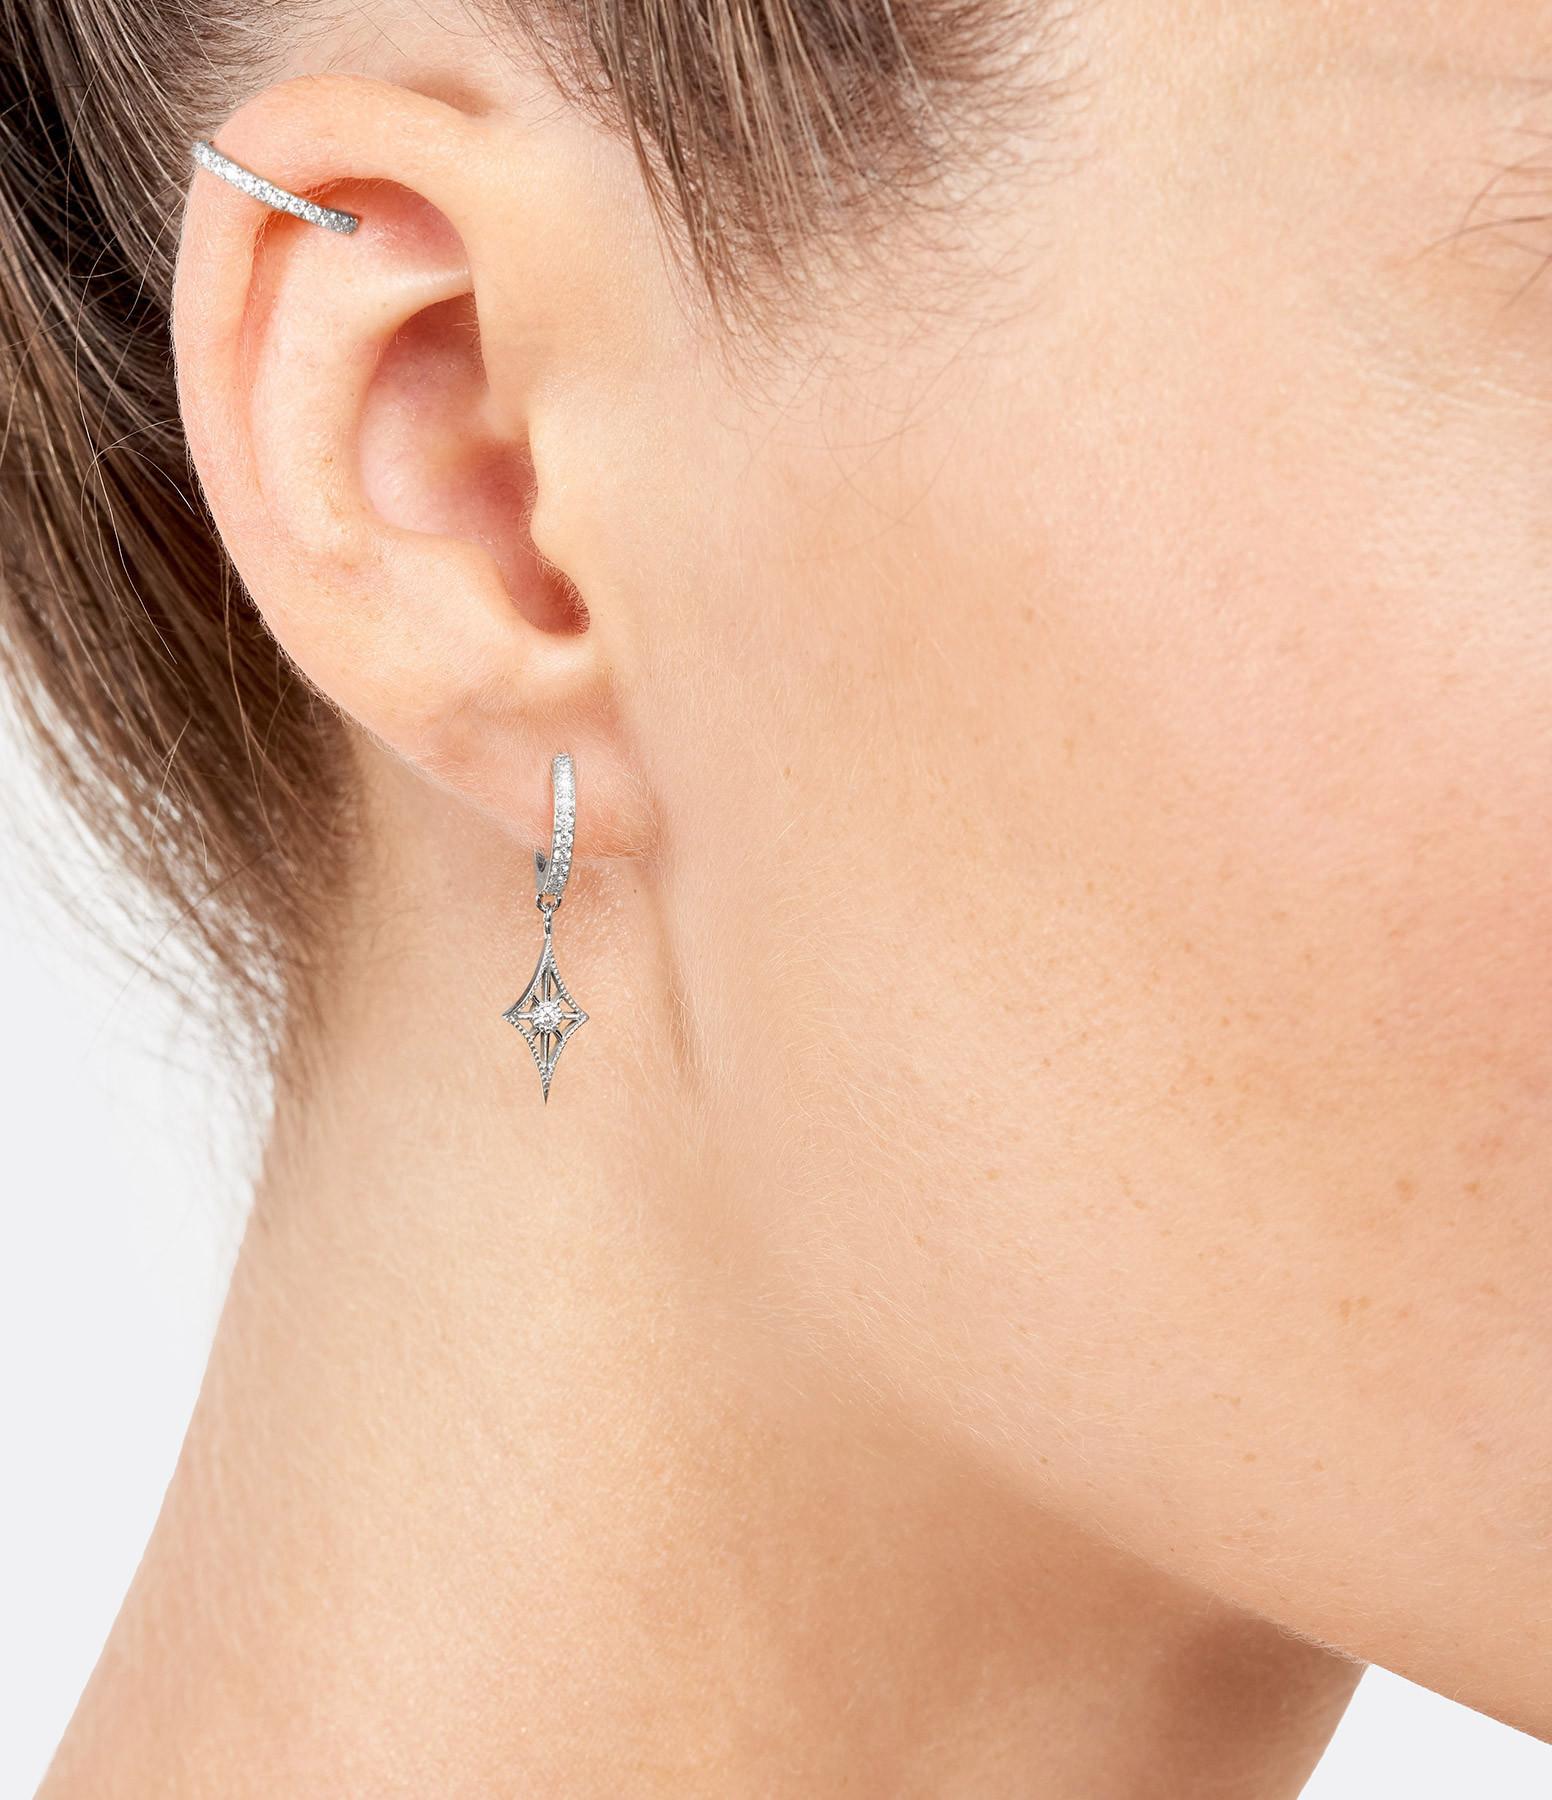 NAVA JOAILLERIE - Boucle d'oreille Cheyenne Losange Diamants OB